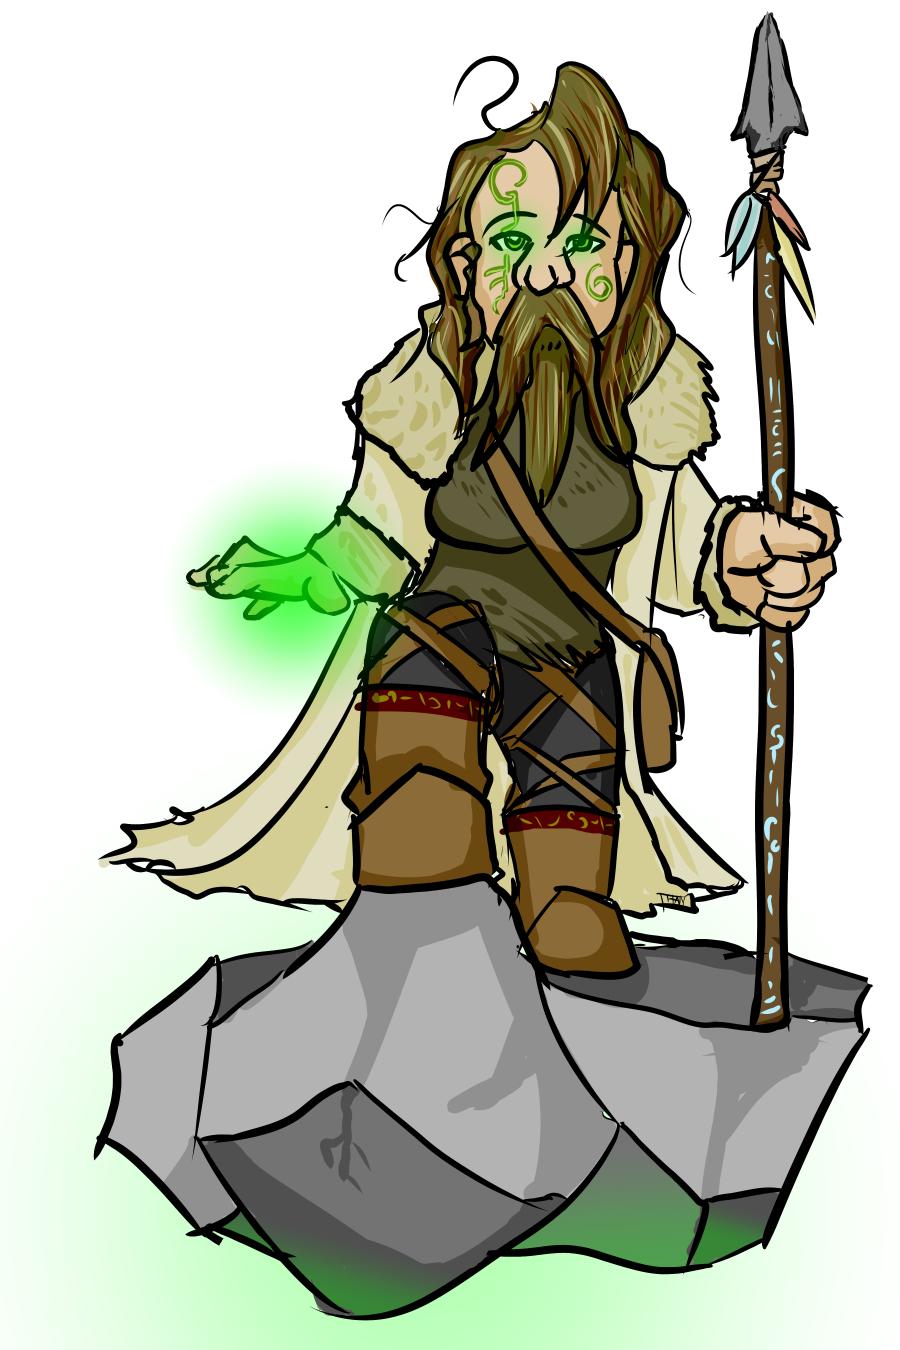 Dwarf Druid